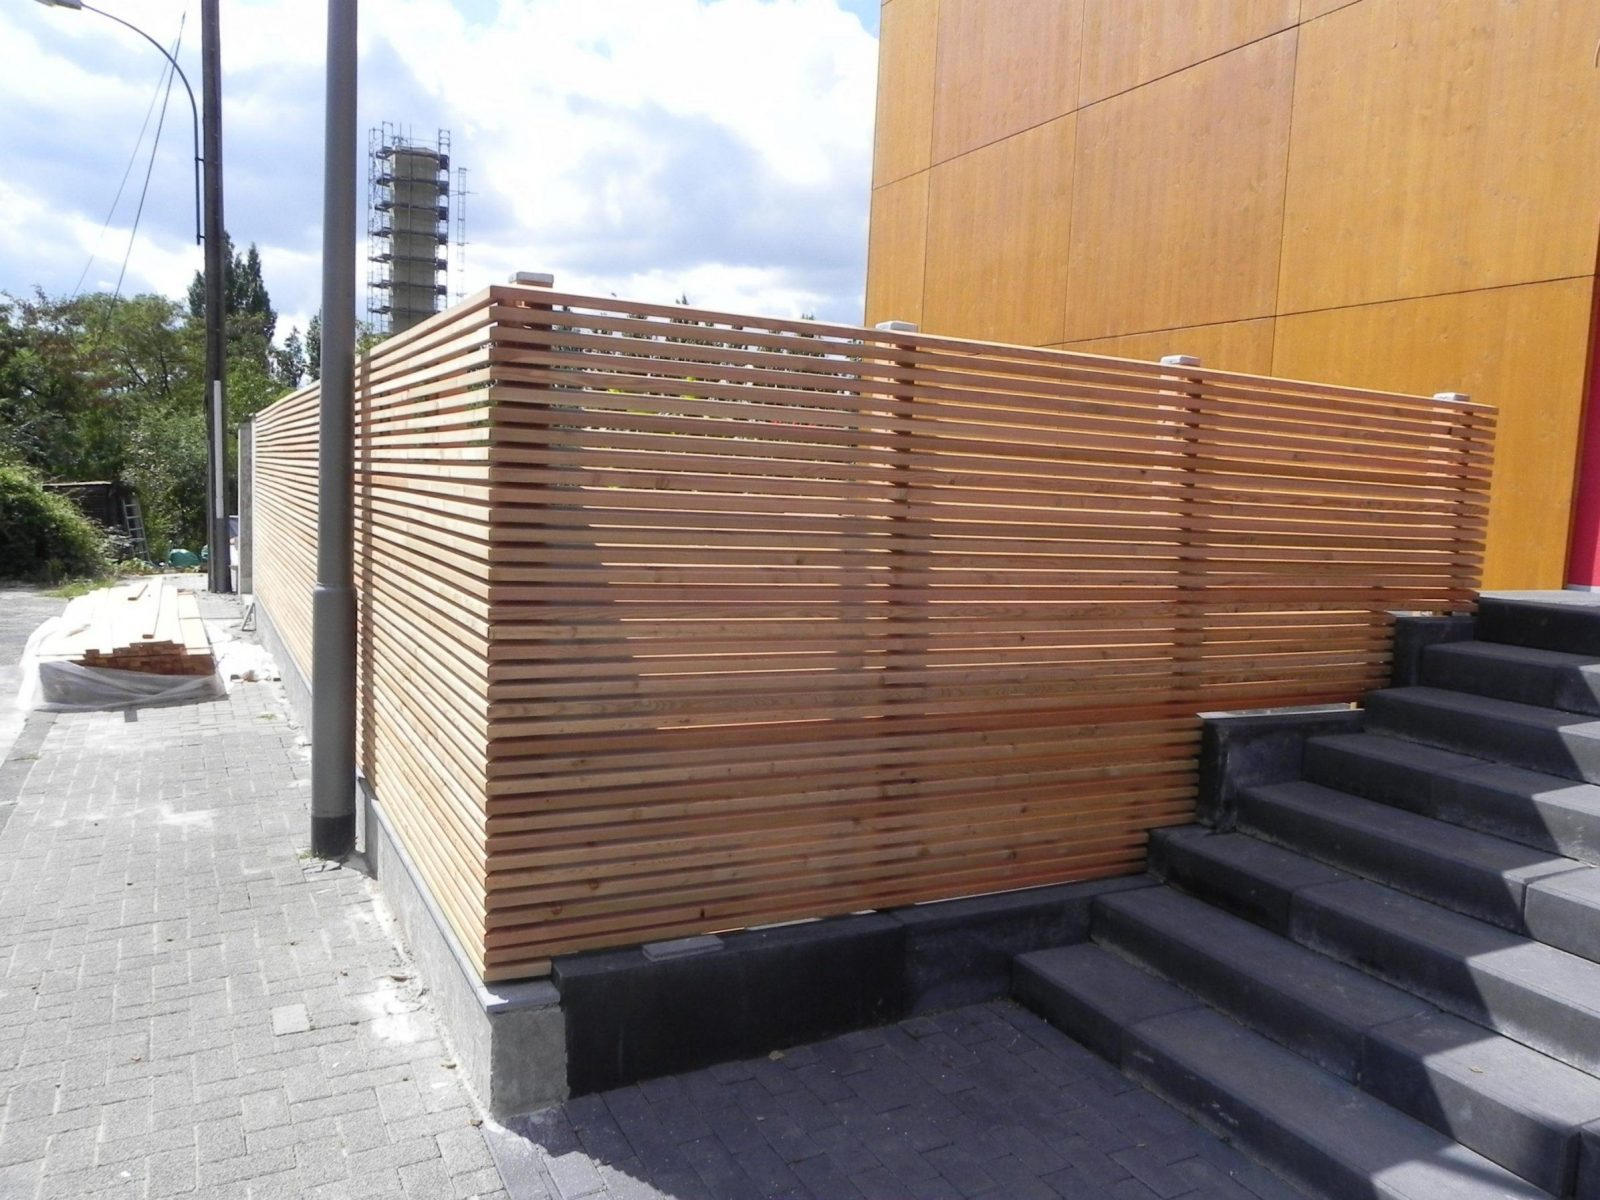 Semitransparenter Sichtschutzzaun Aus Lärchenholz  Hausgarten von Sichtschutz Lärche Selber Bauen Bild